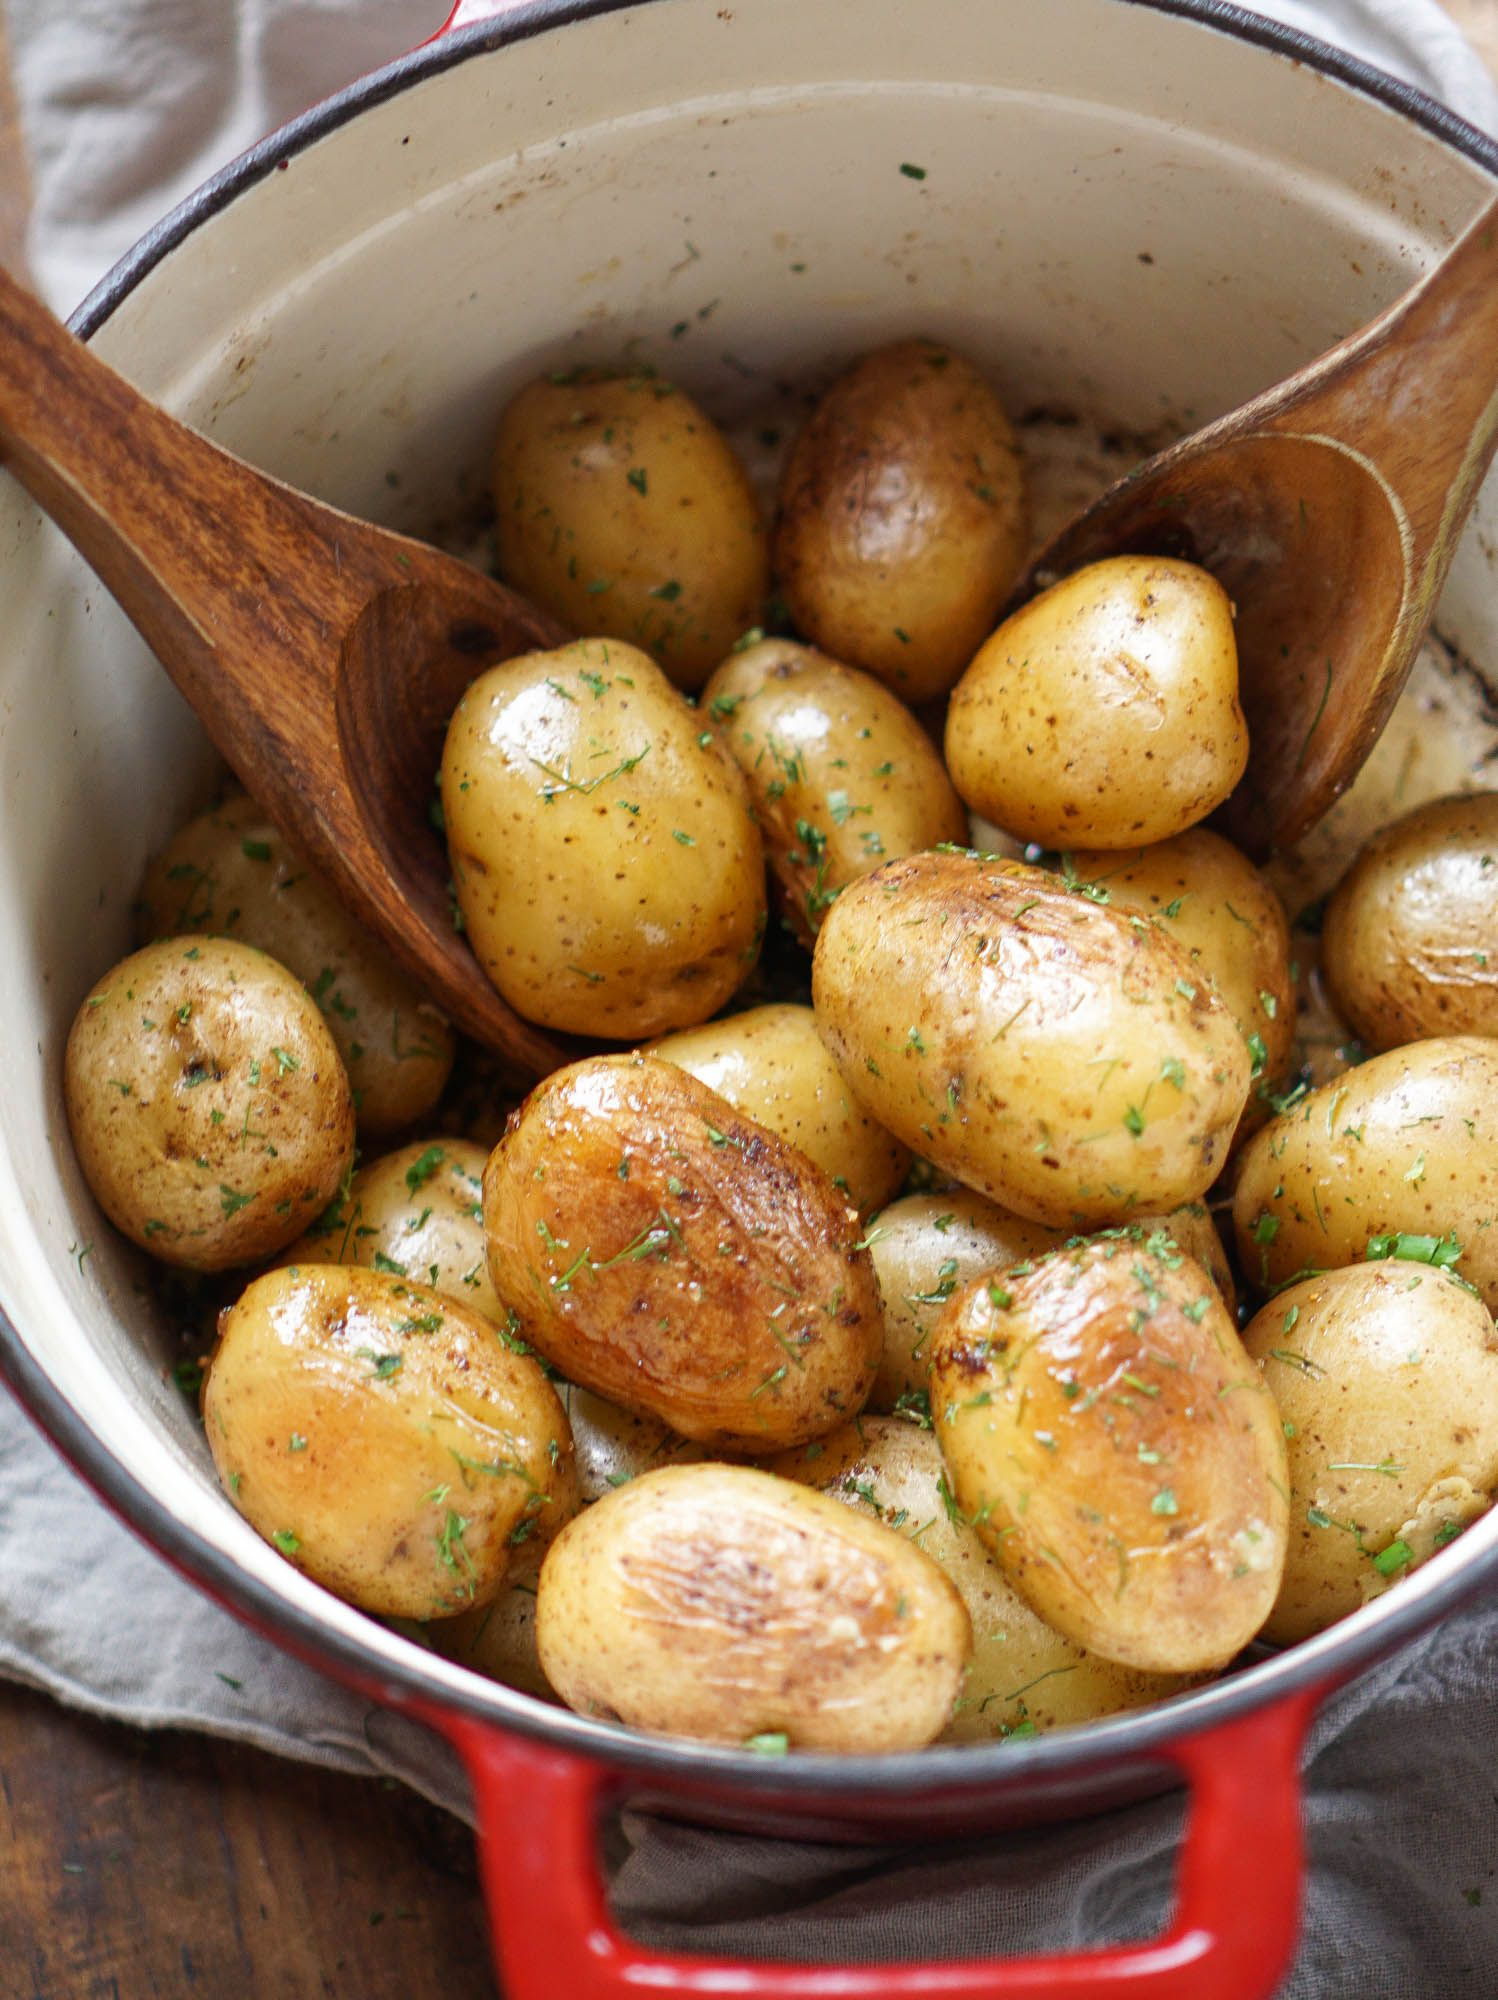 Dutch Oven Herbed Potatoes No Peel No Boil No Bake Dutch Oven Recipes Herbed Potatoes Recipes